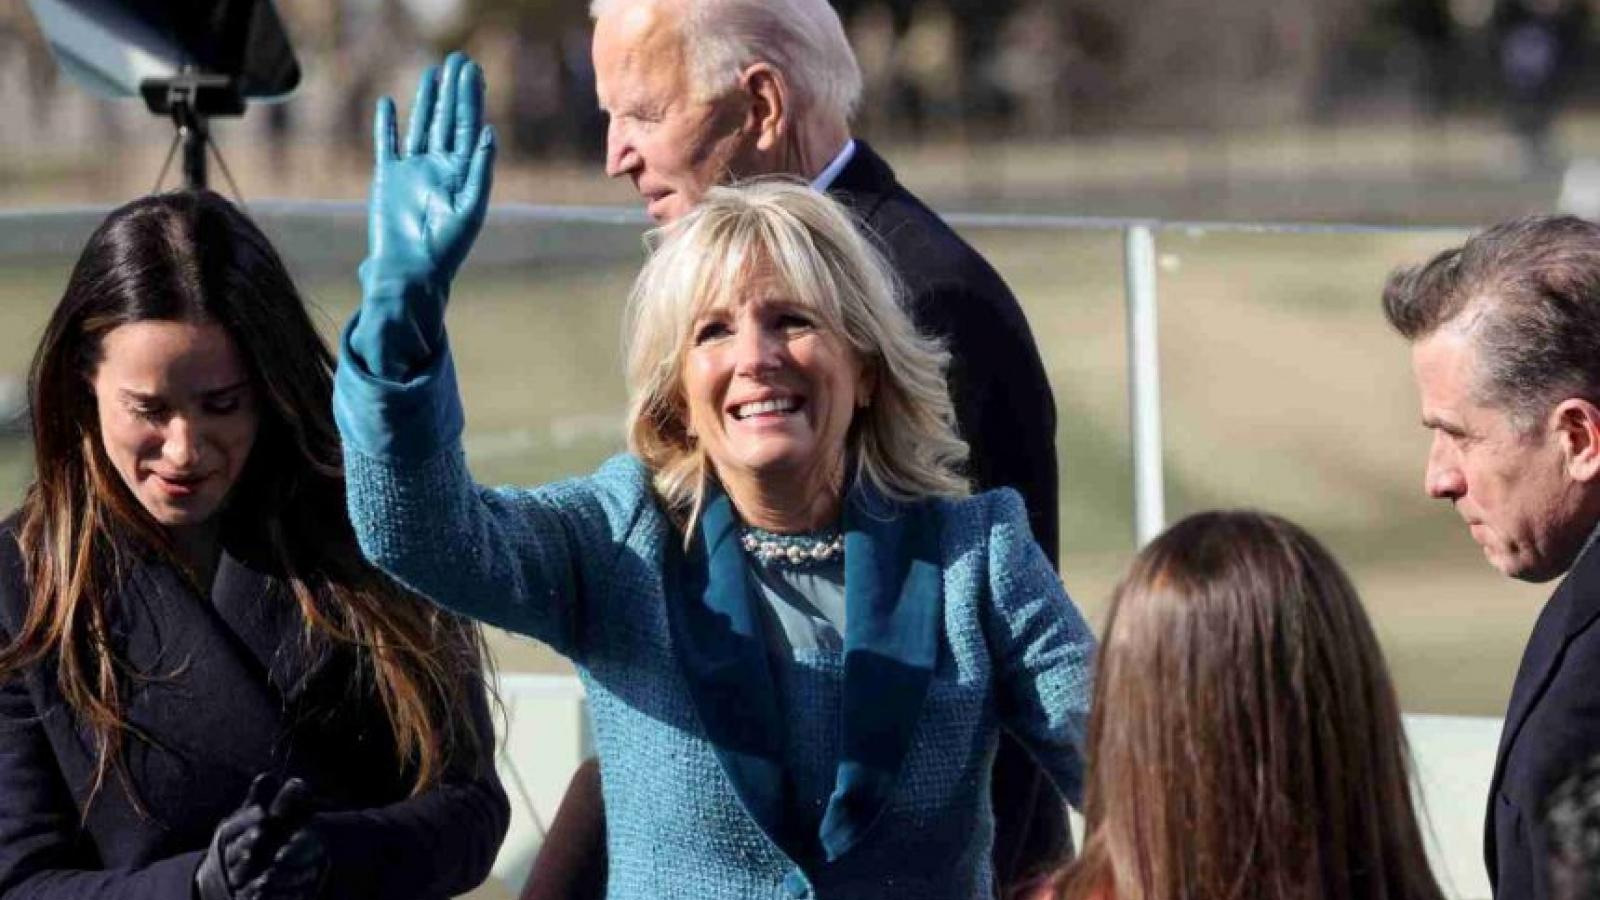 Đệ nhất phu nhân Jill Biden sẽ cân bằng sự nghiệp riêng với vai trò ở Cánh Đông